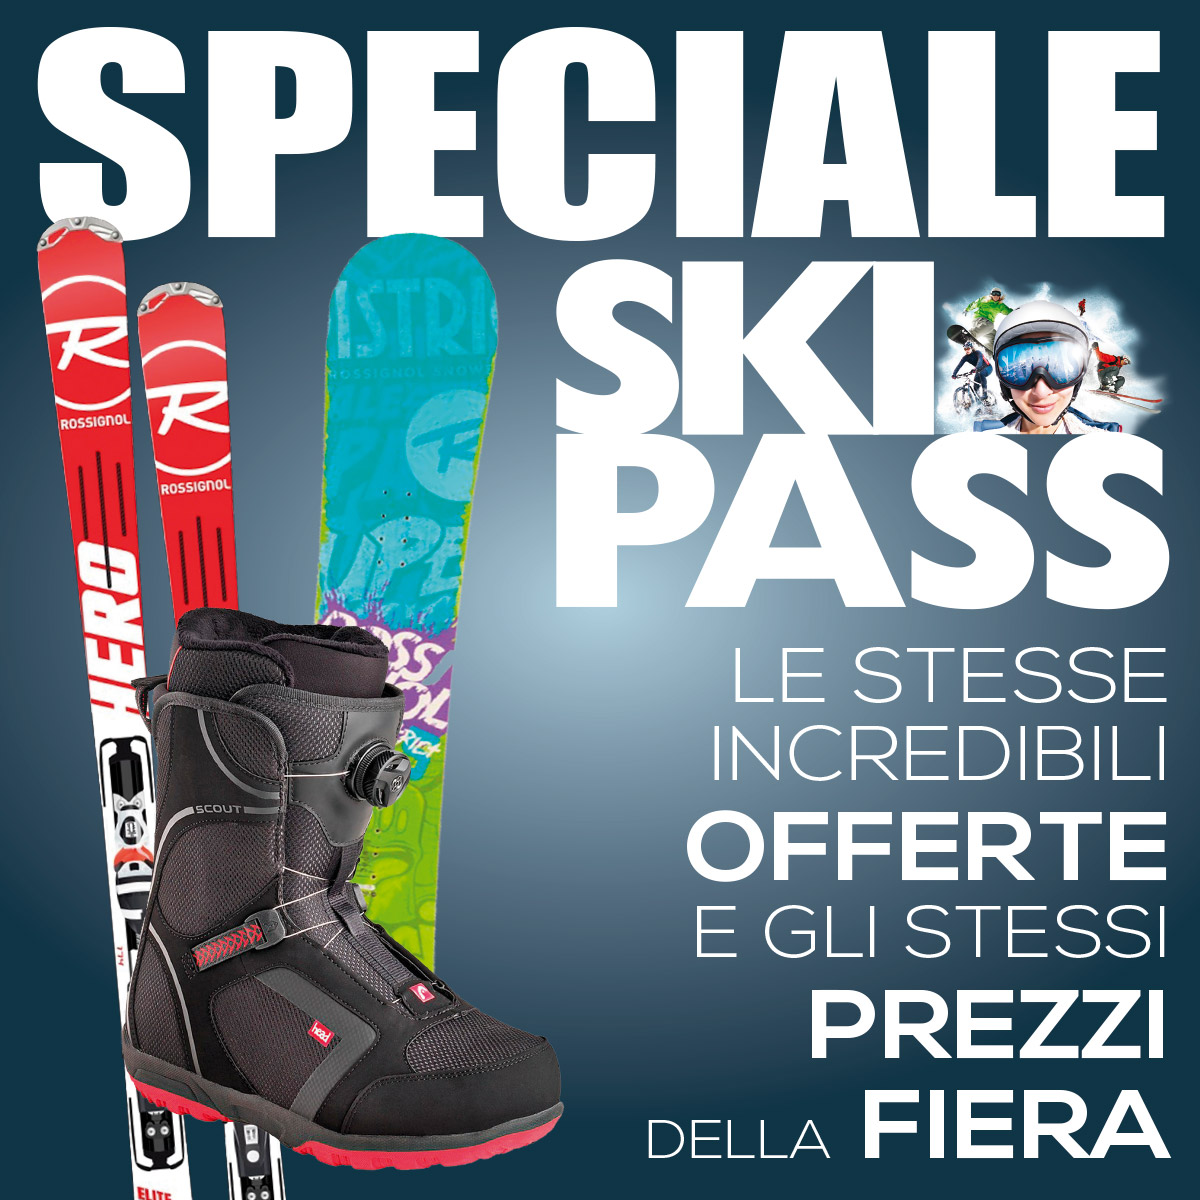 Speciale Skipass: online su botteroski.com gli stessi prezzi della fiera!